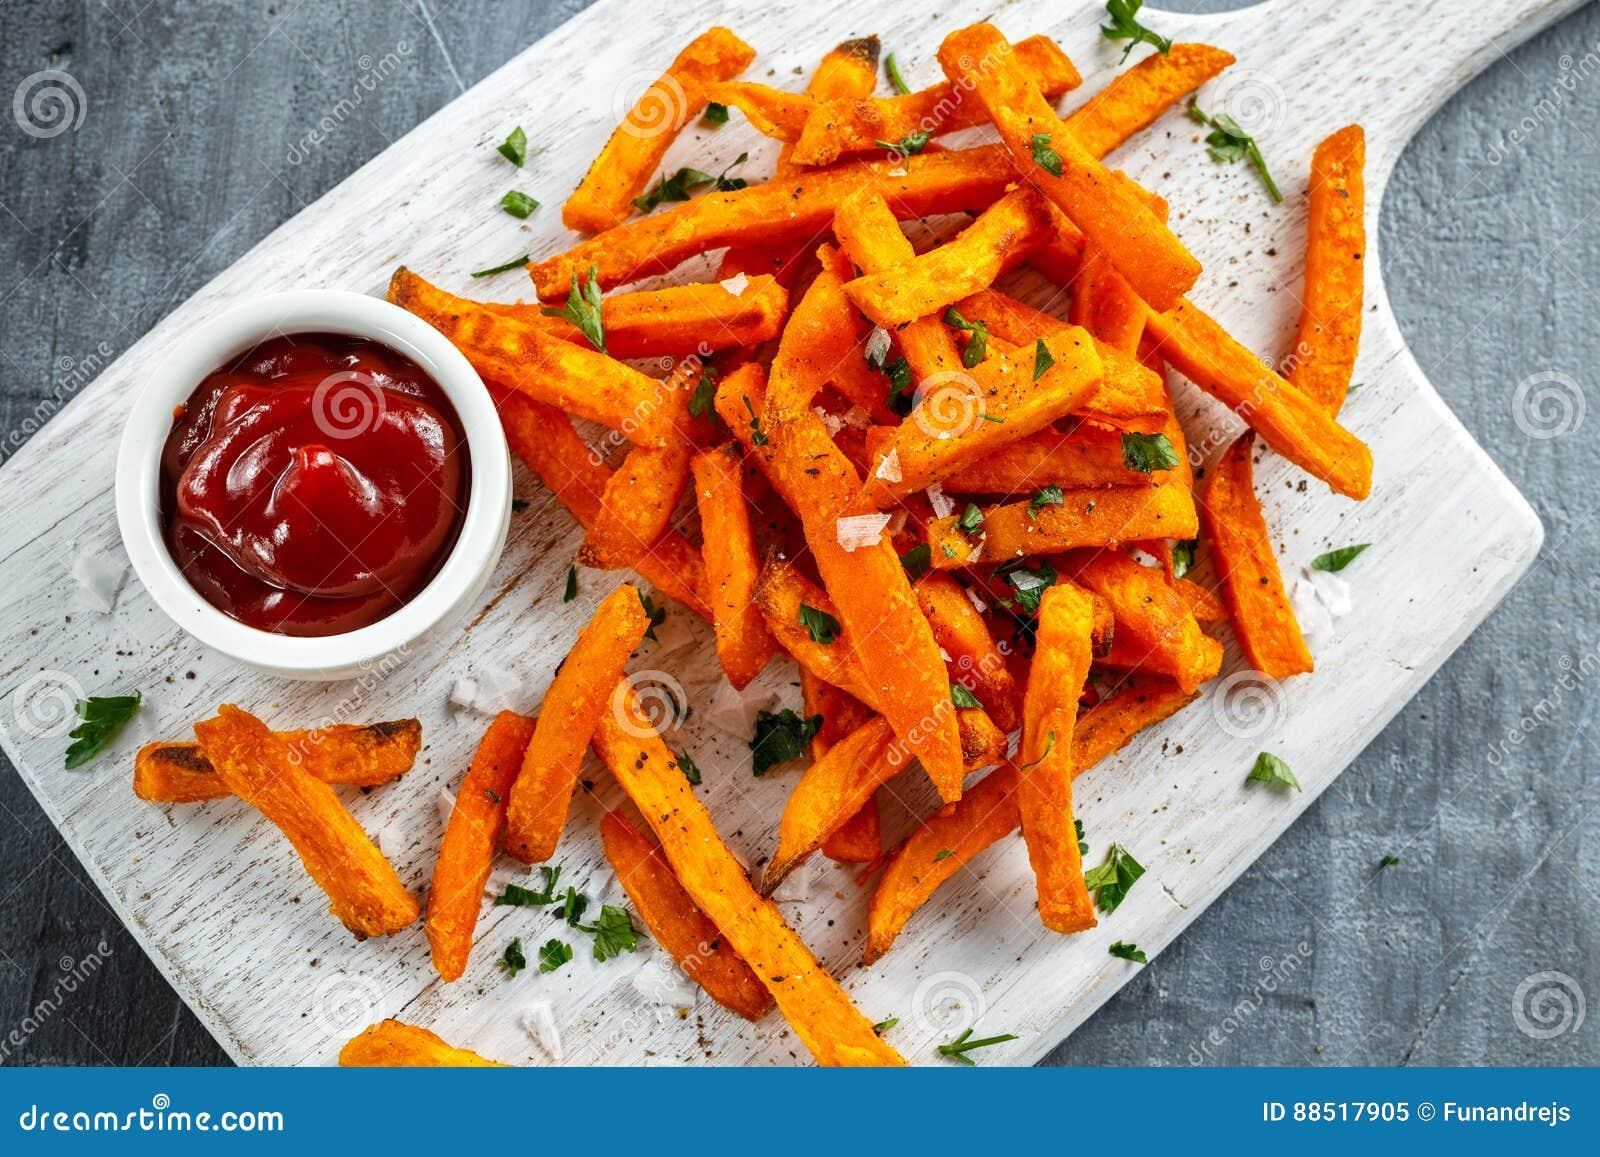 Υγιή σπιτικά ψημένα πορτοκαλιά τηγανητά γλυκών πατατών με το κέτσαπ, άλας, πιπέρι στο λευκό ξύλινο πίνακα